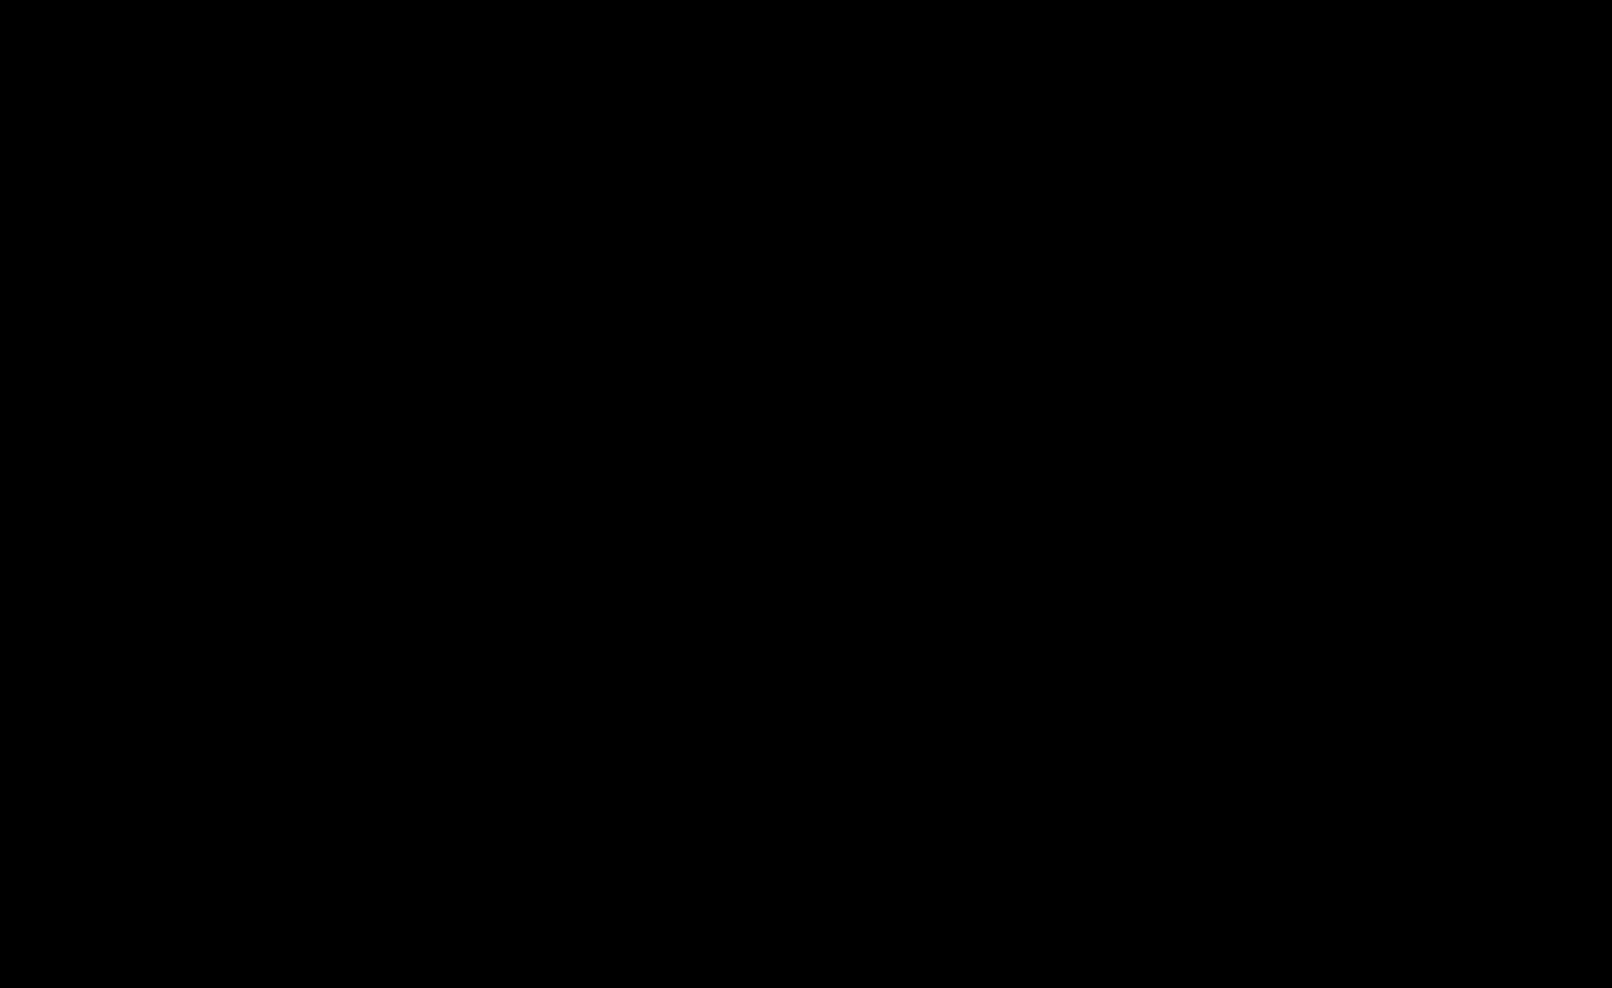 MAL-dPEG®₄-(m-dPEG®₁₁)₃